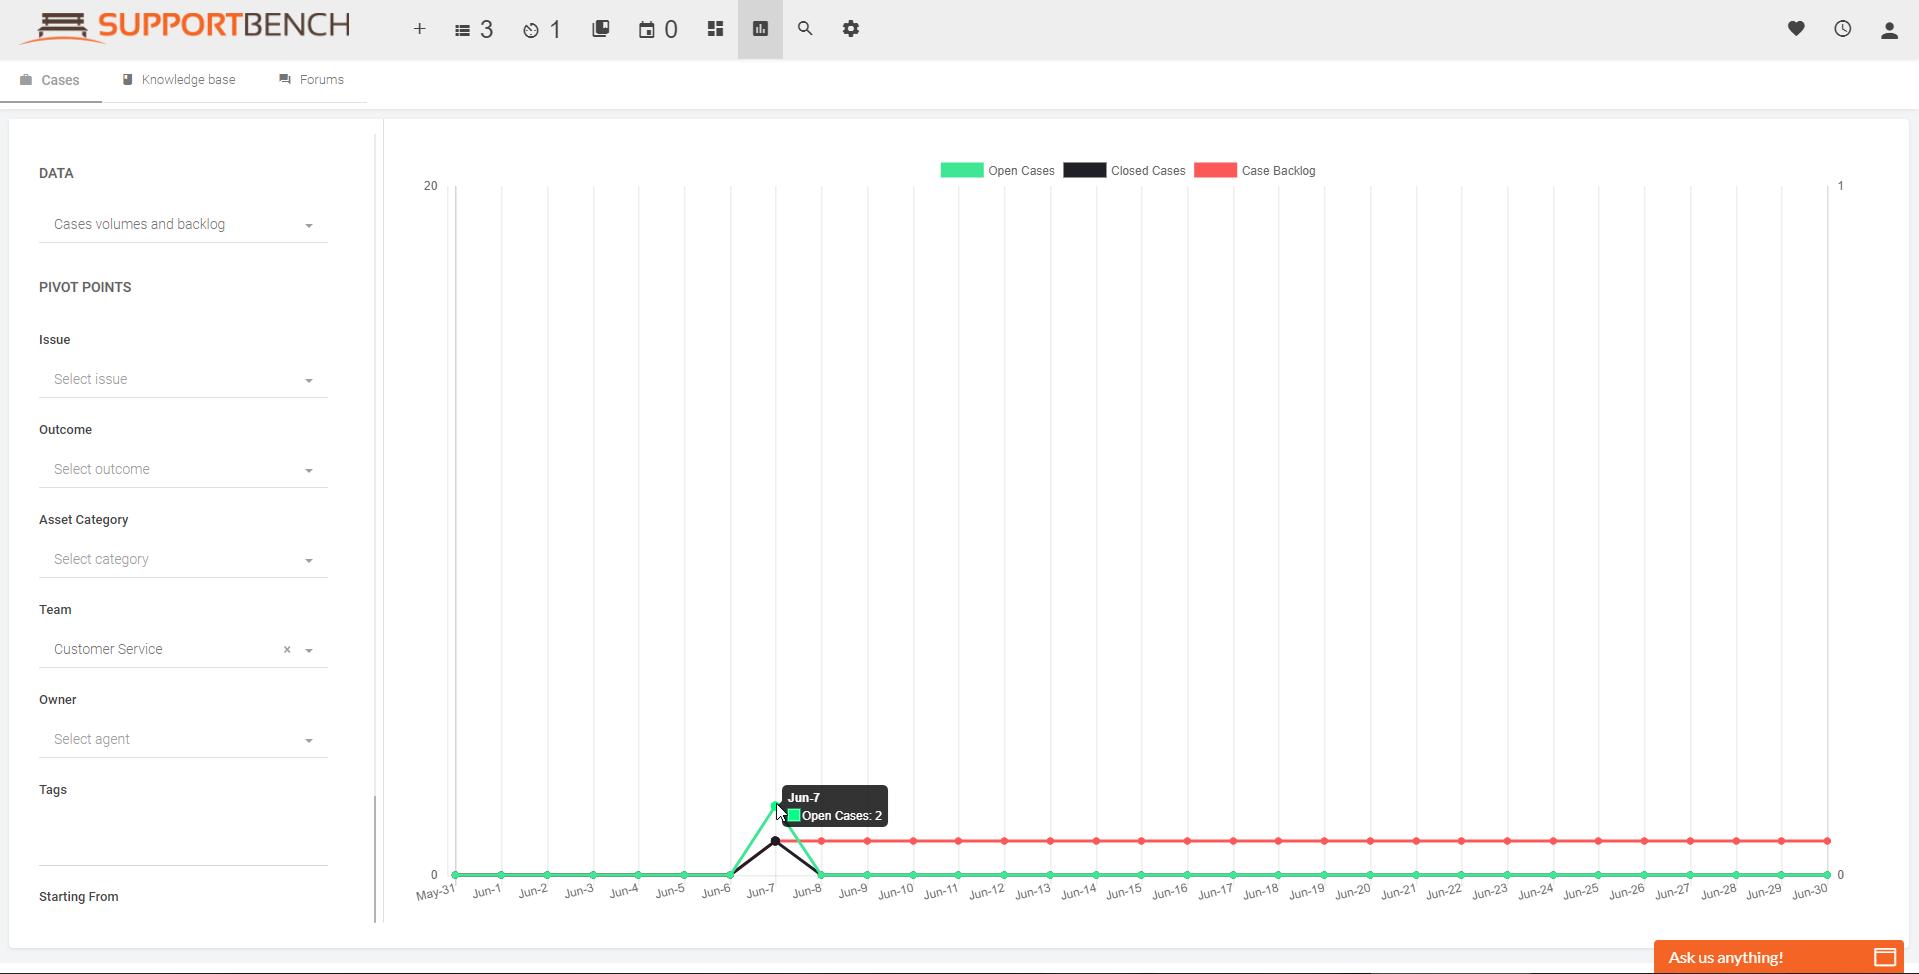 Cases graph